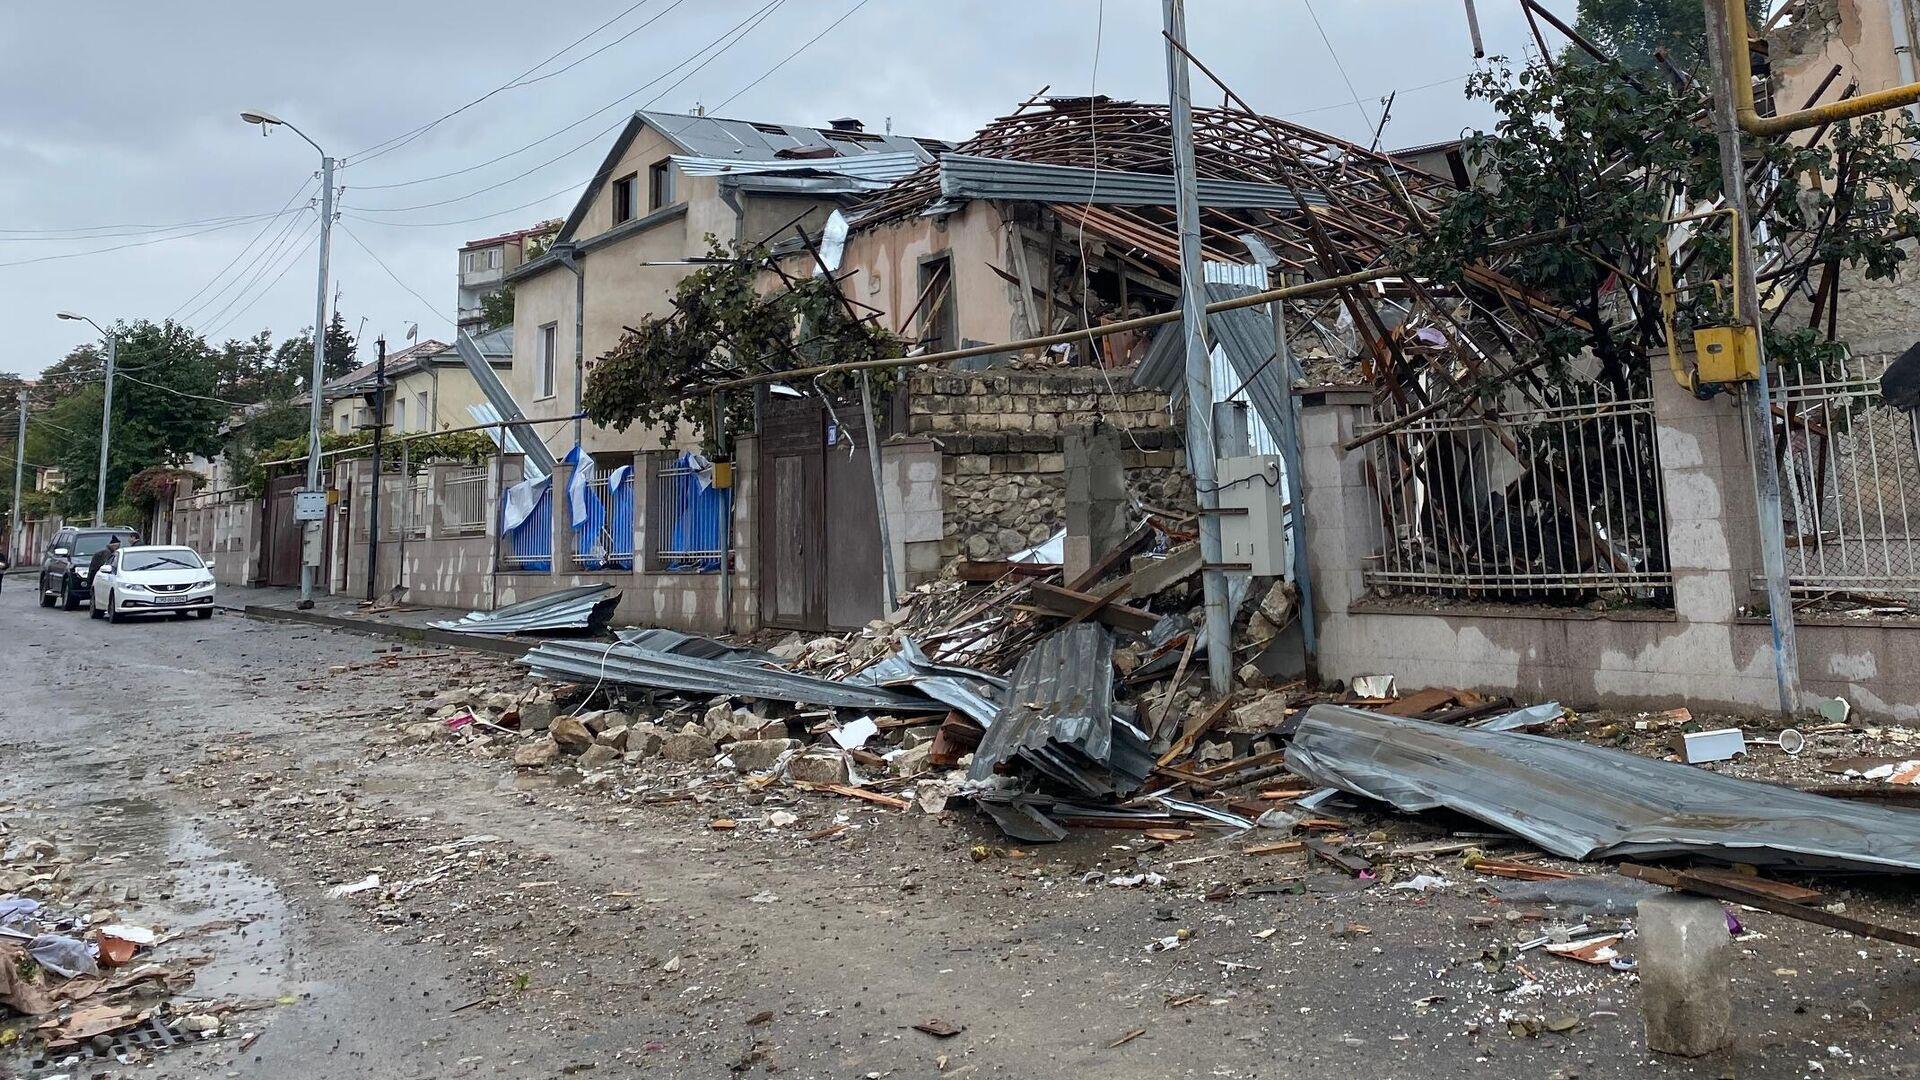 Дома в Степанакерте, разрушенные после обстрела - РИА Новости, 1920, 07.10.2020